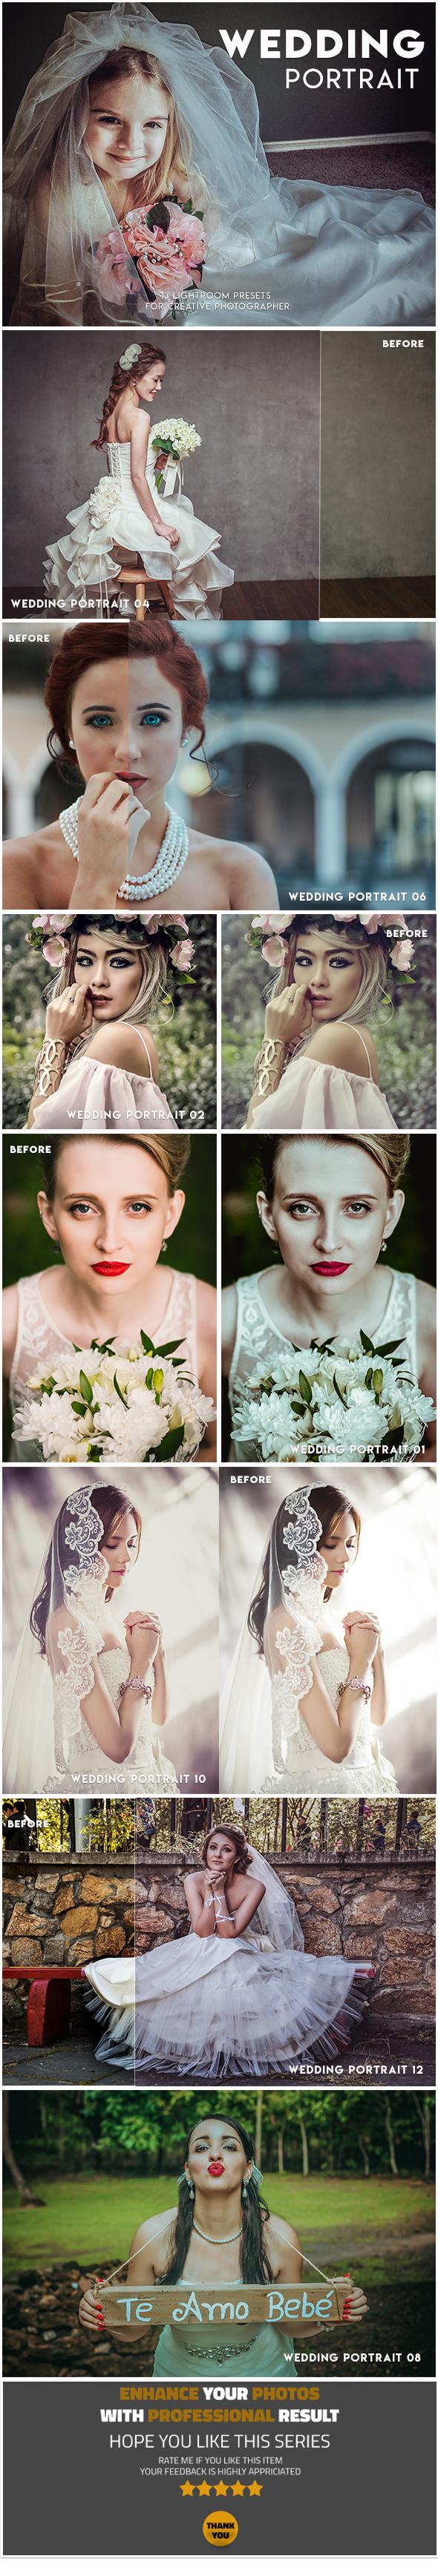 13 Wedding Portrait Lightroom Presets - Lightroom Presets Add-ons